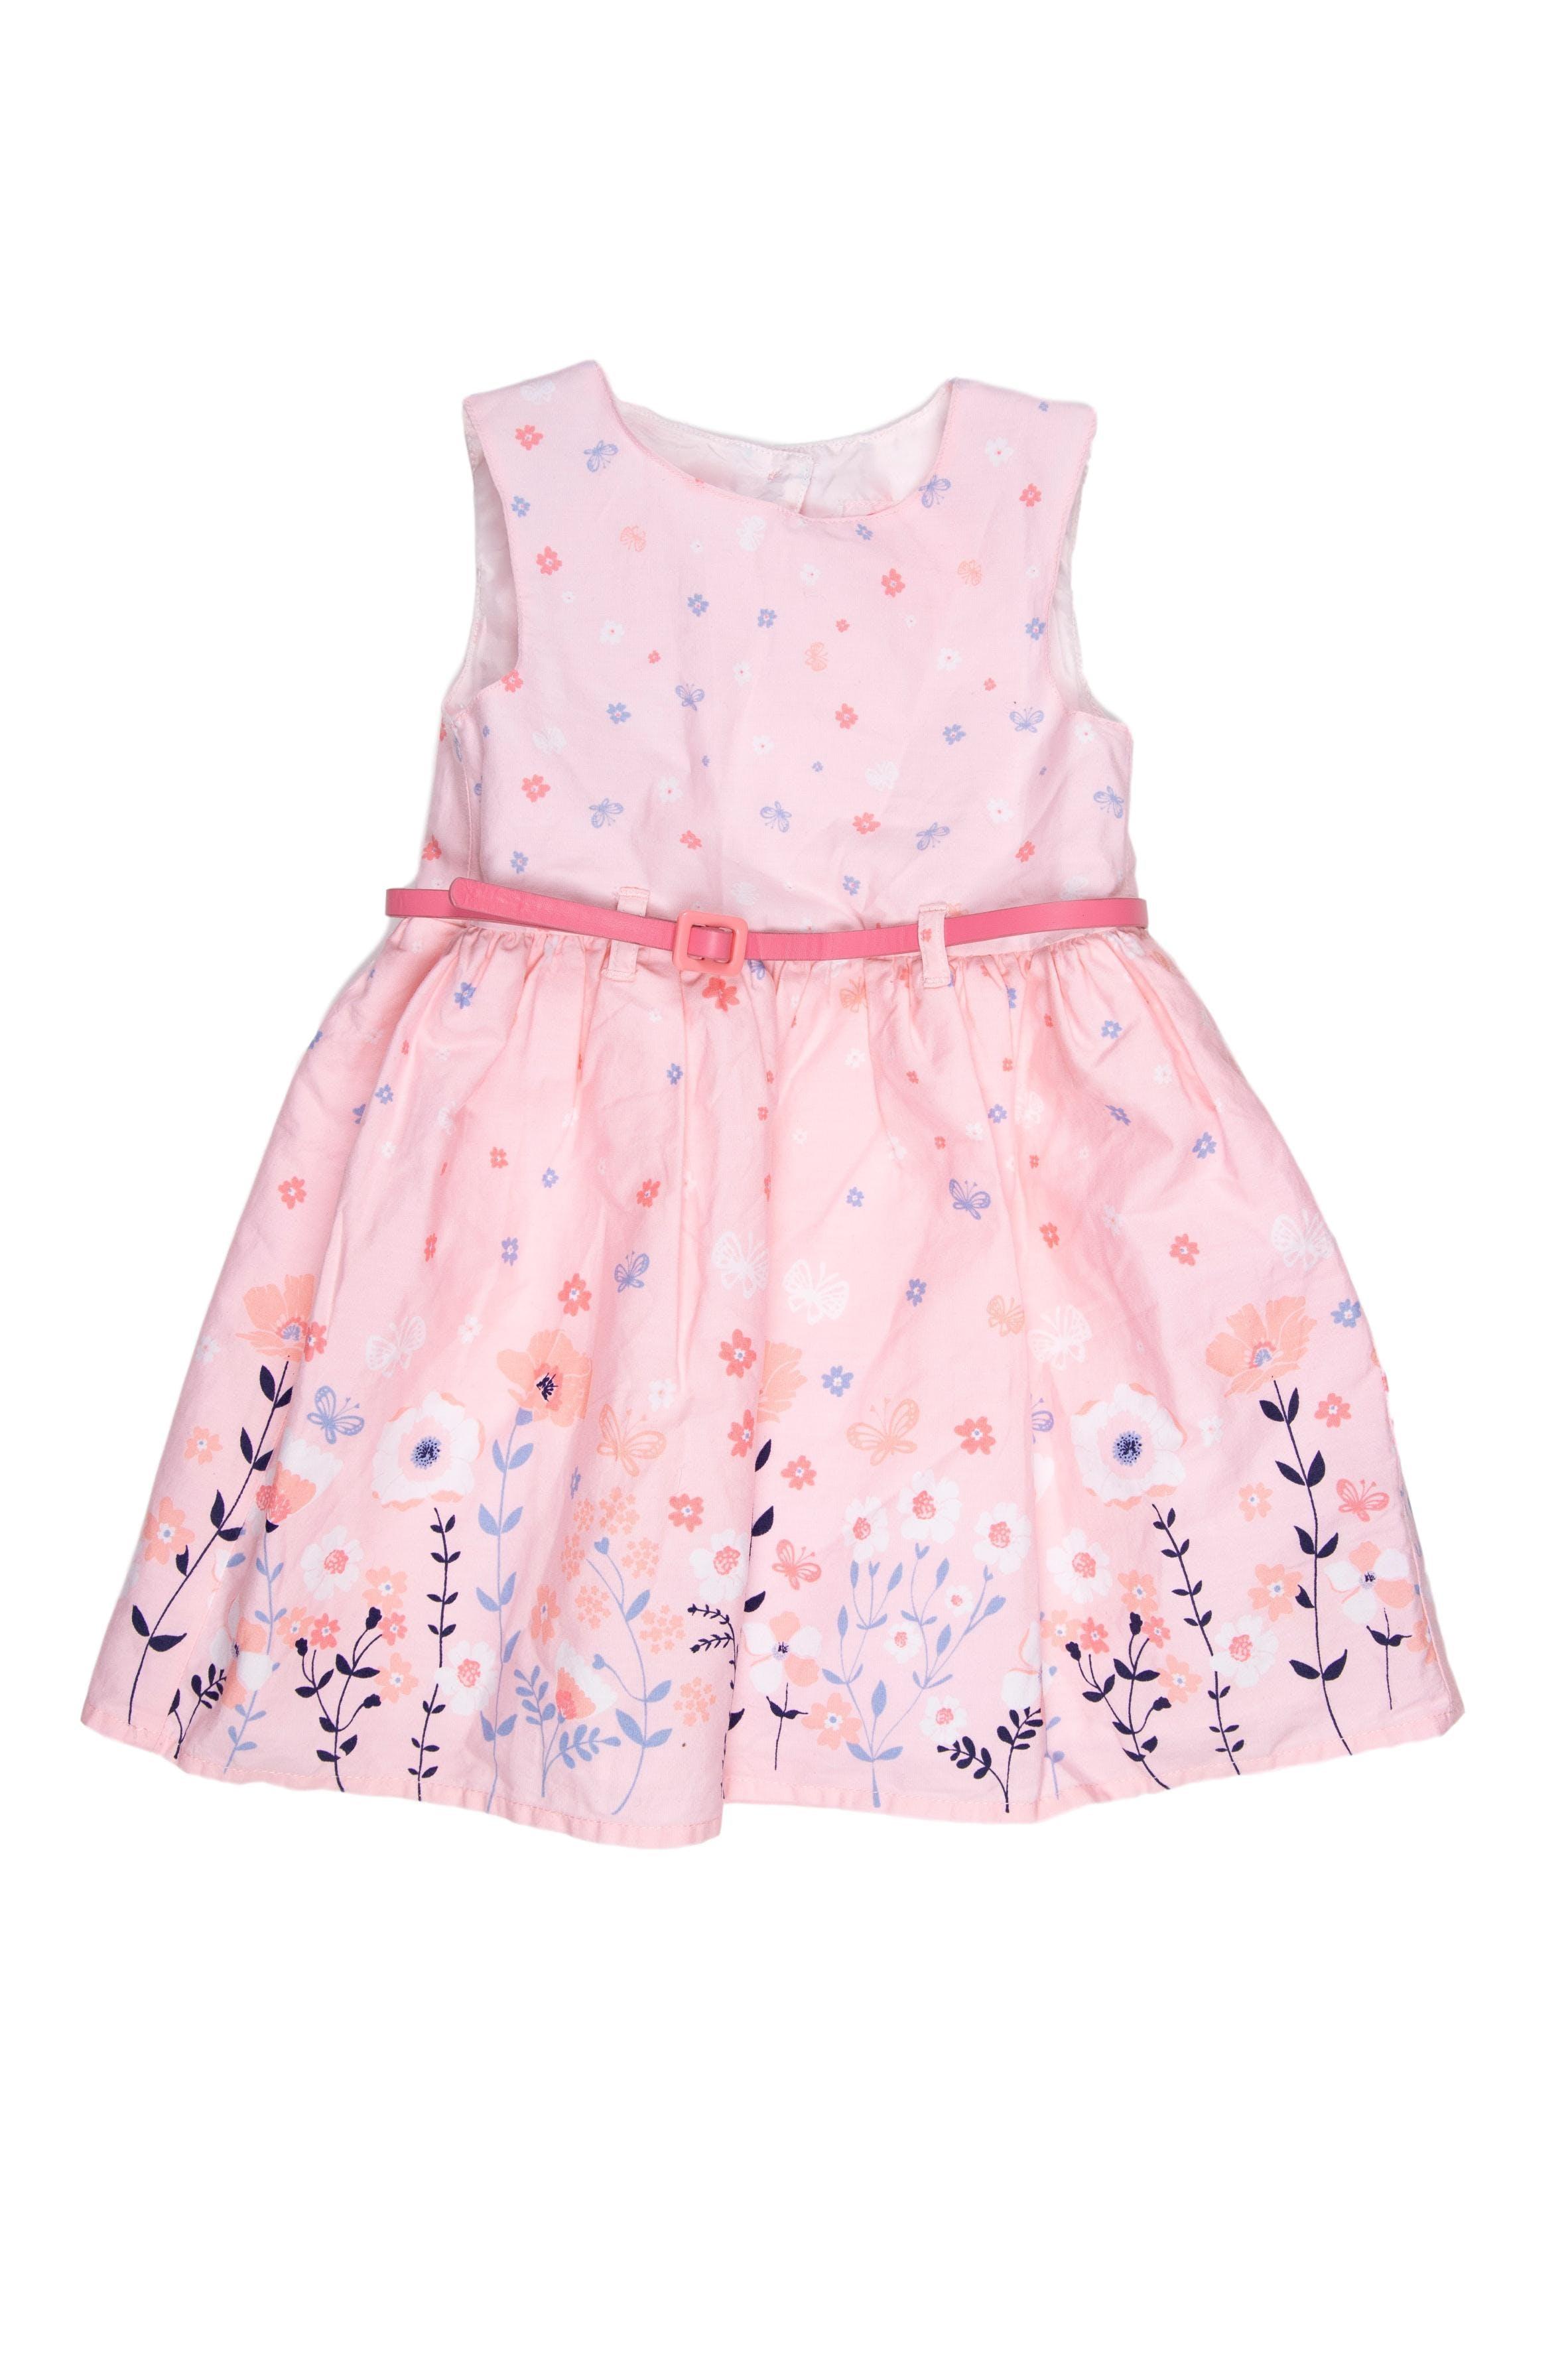 Vestido de tela delgada con flores y mariposas tiene forro y correa. Falda con tul interior para vuelo. - Made With Love